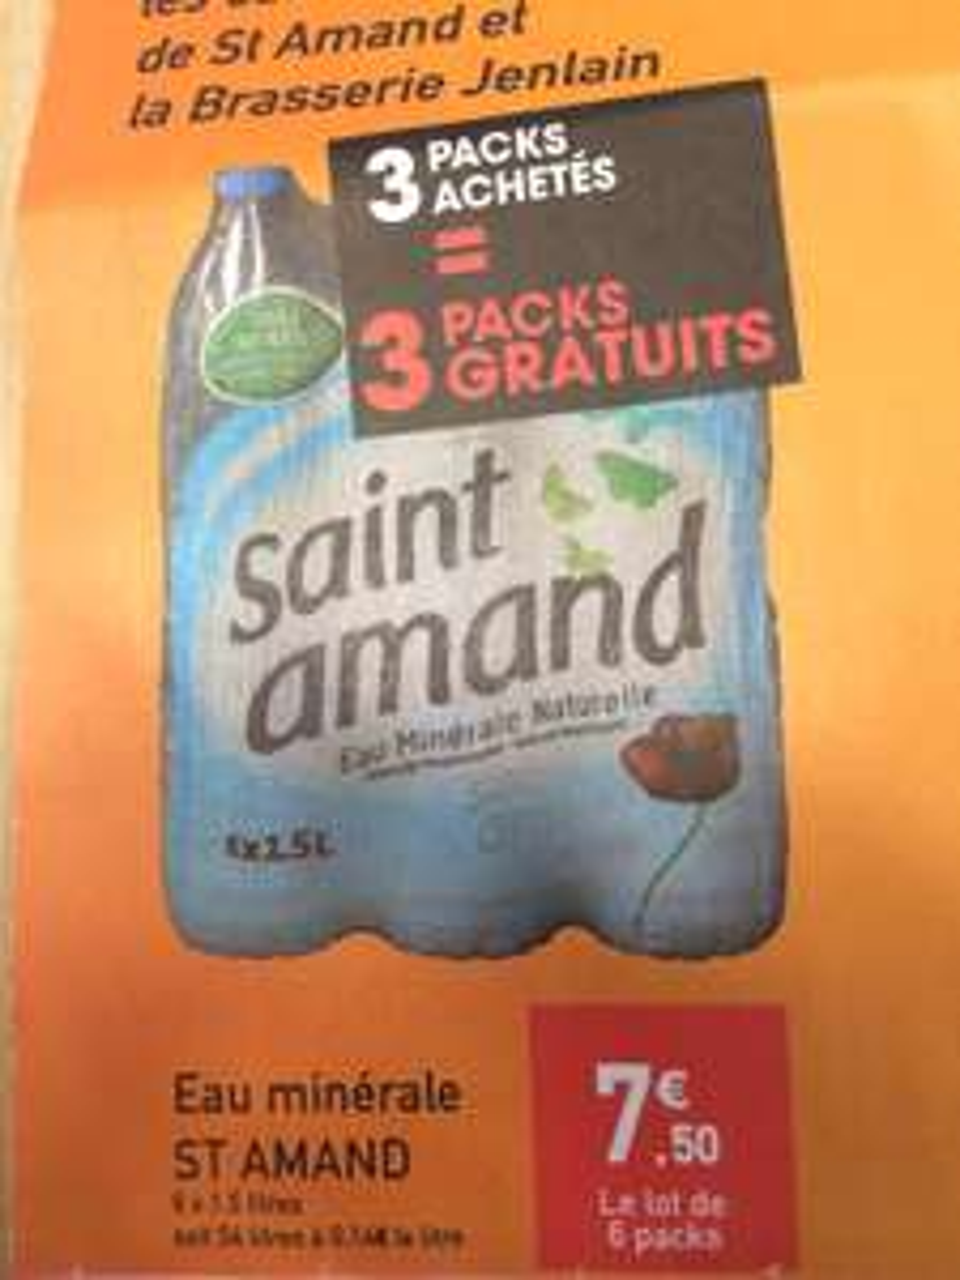 Sélection d'offres en promo - Ex : Carburant à prix coutant , 6 packs d'eau St Amand pour 3 achetés.